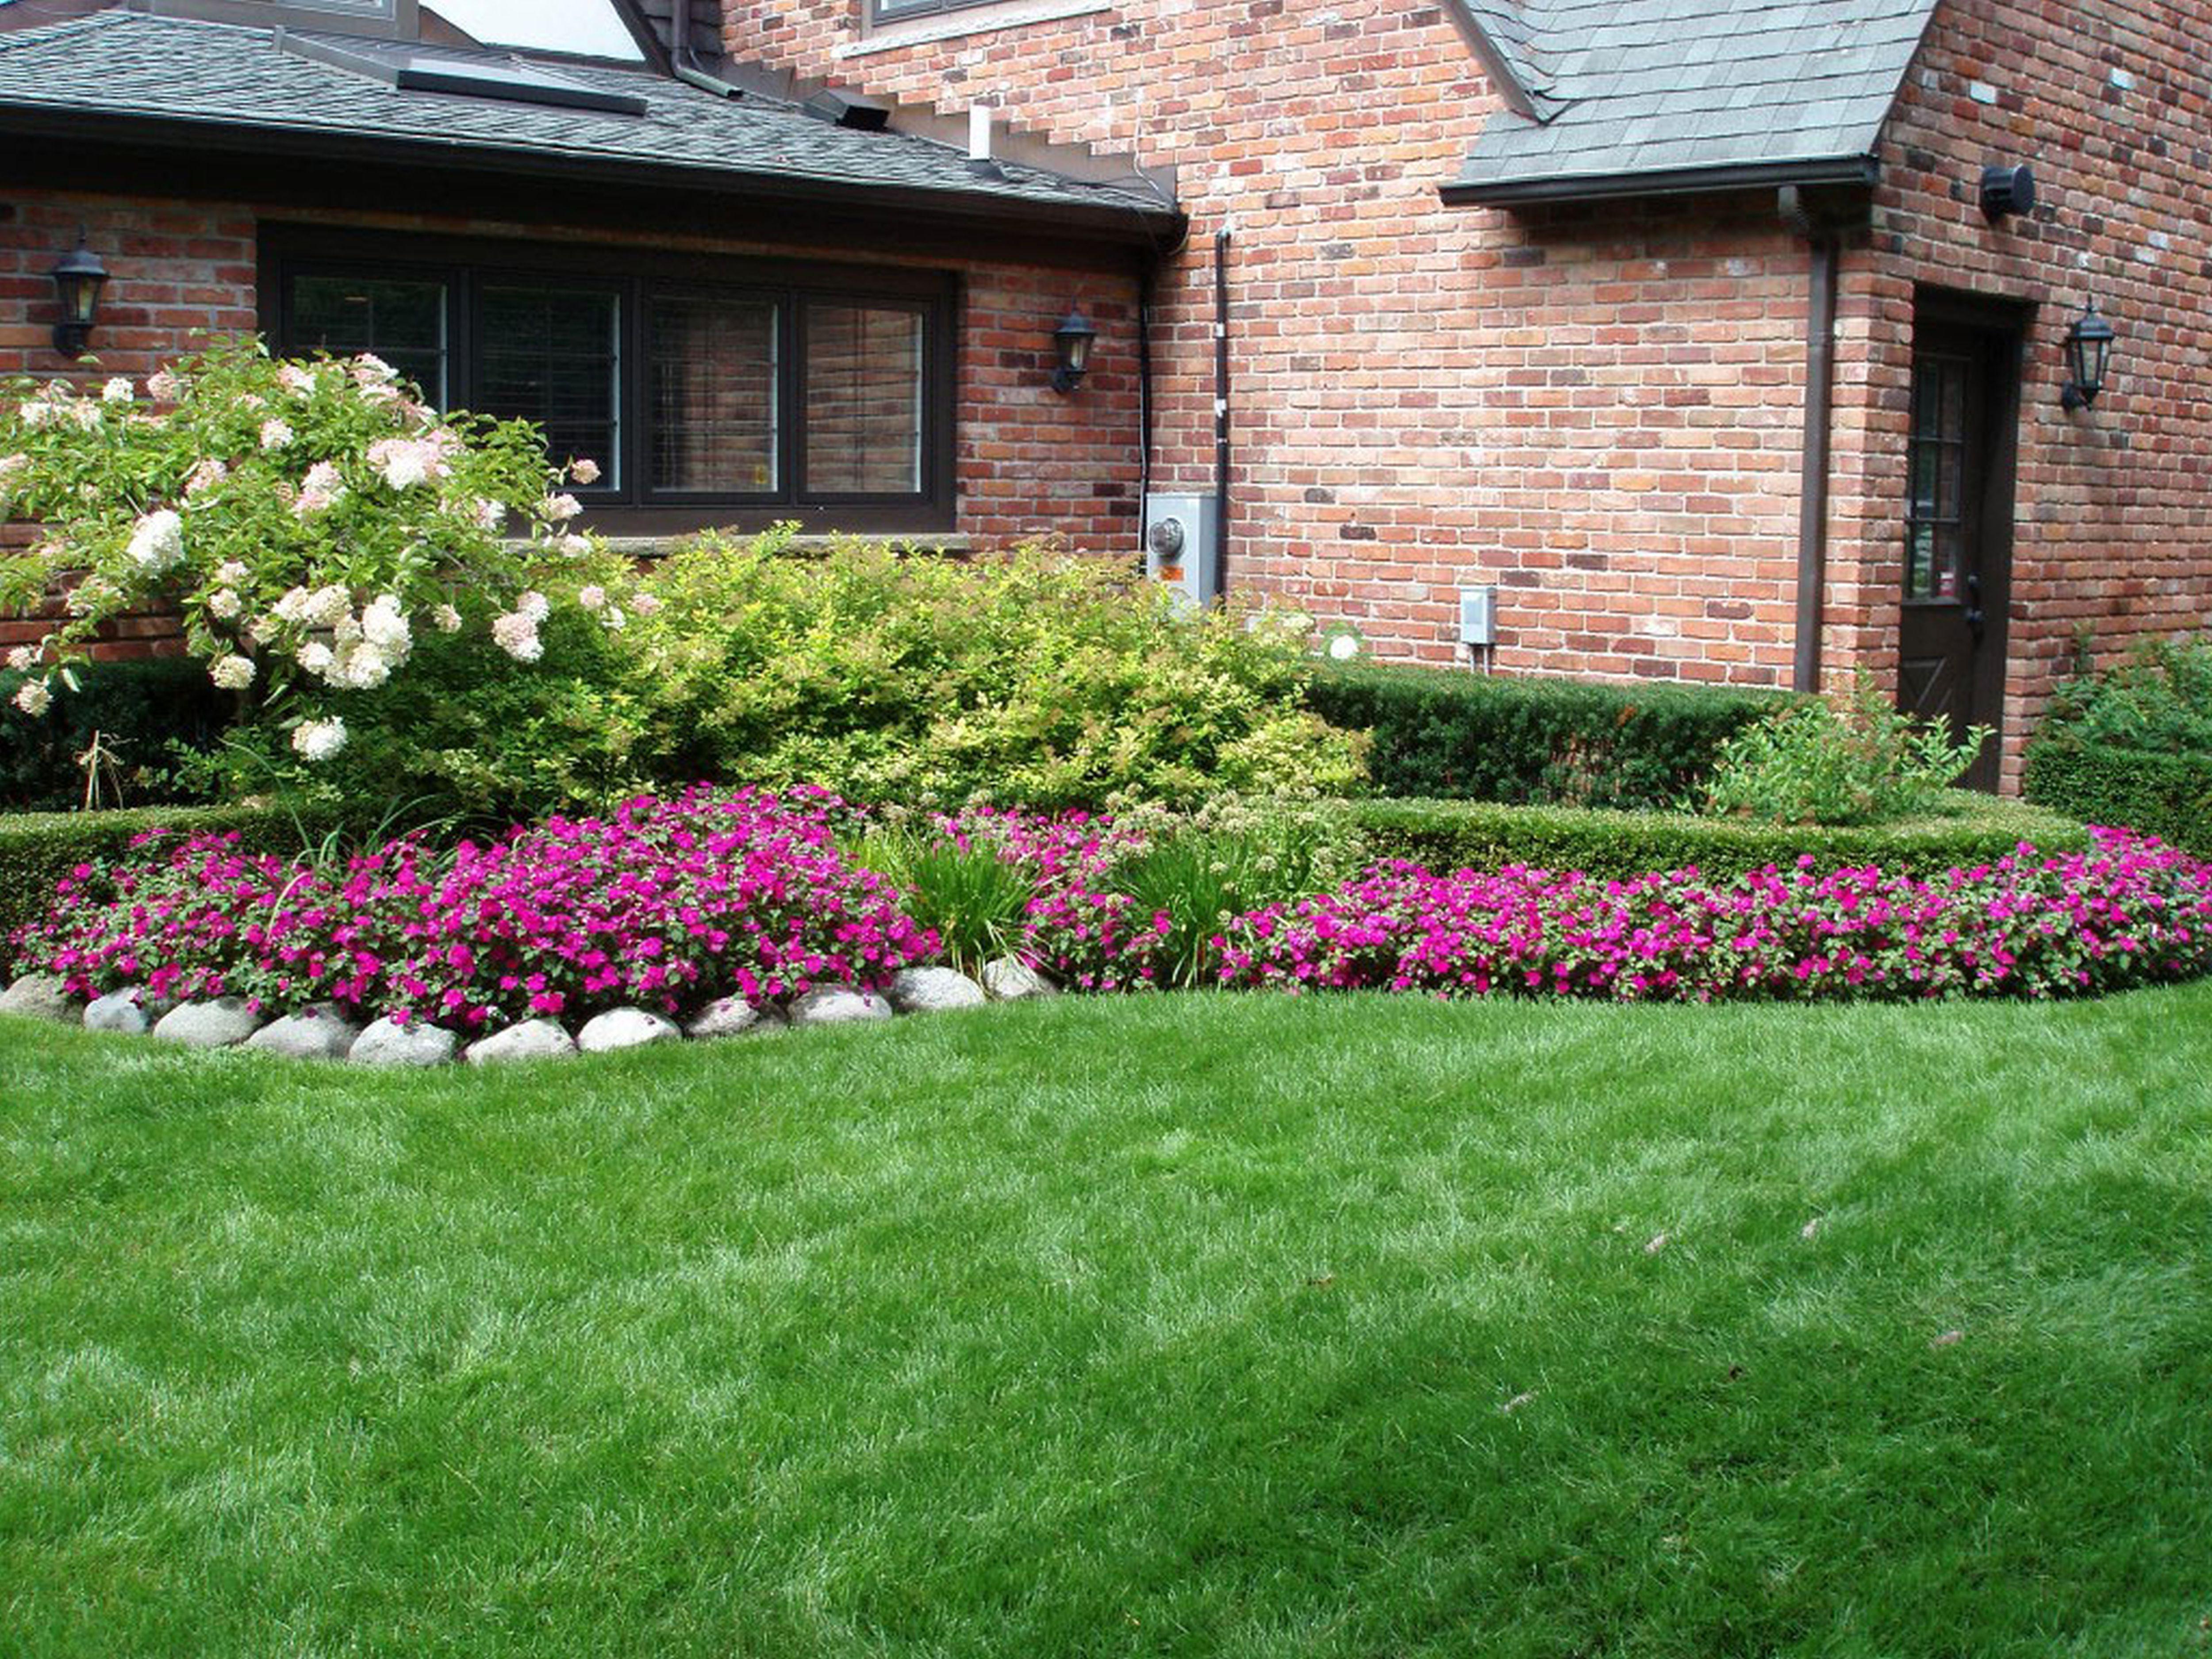 Fiori Da Giardino Roccioso aiuole in pietra - tipi di giardini - realizzare aiuole in